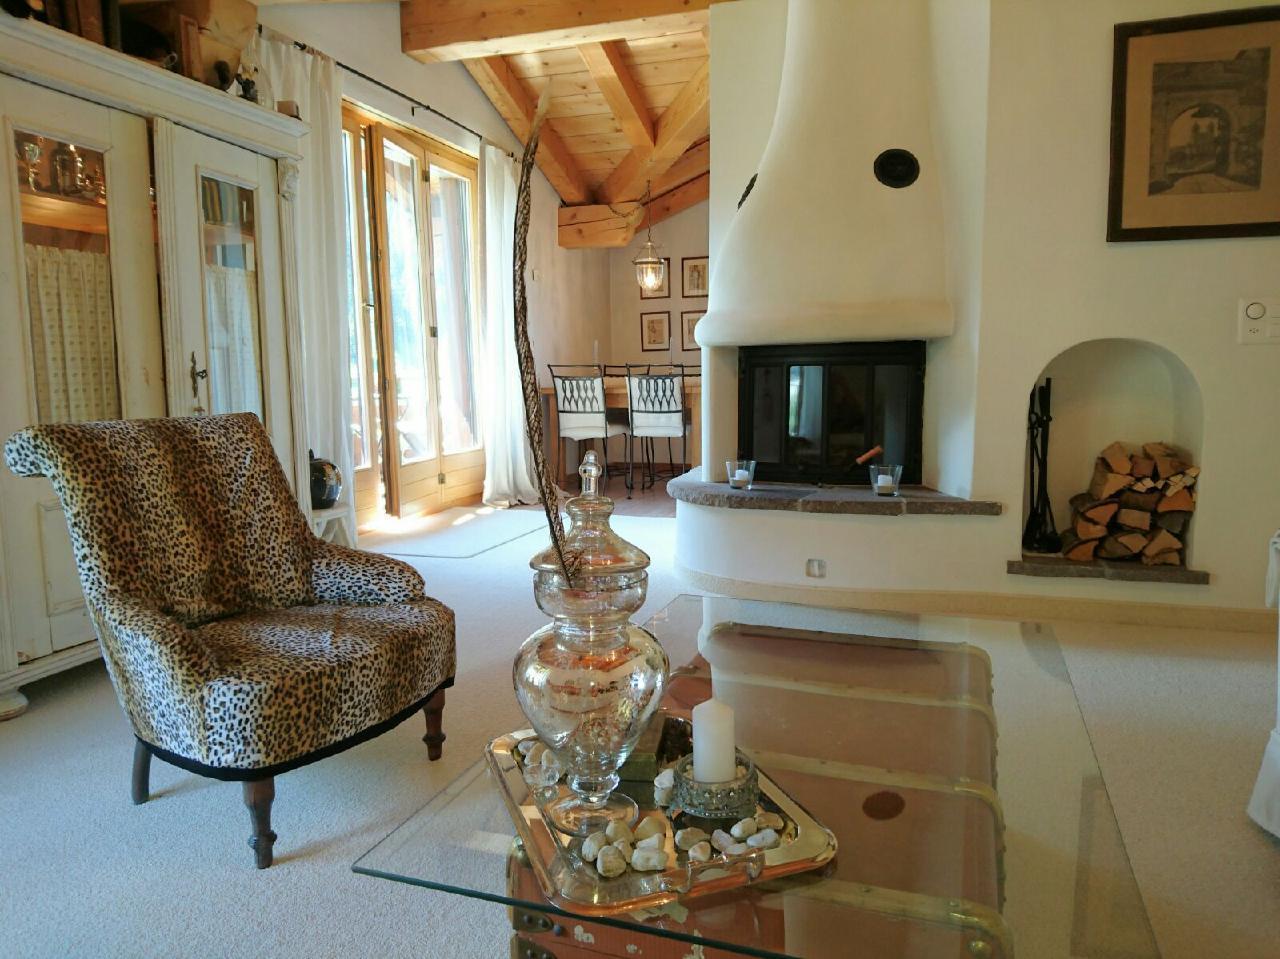 Appartement de vacances Luxuriöses Penthouse in Chalet /Top Lage (470460), Klosters, Davos - Klosters - Prättigau, Grisons, Suisse, image 5